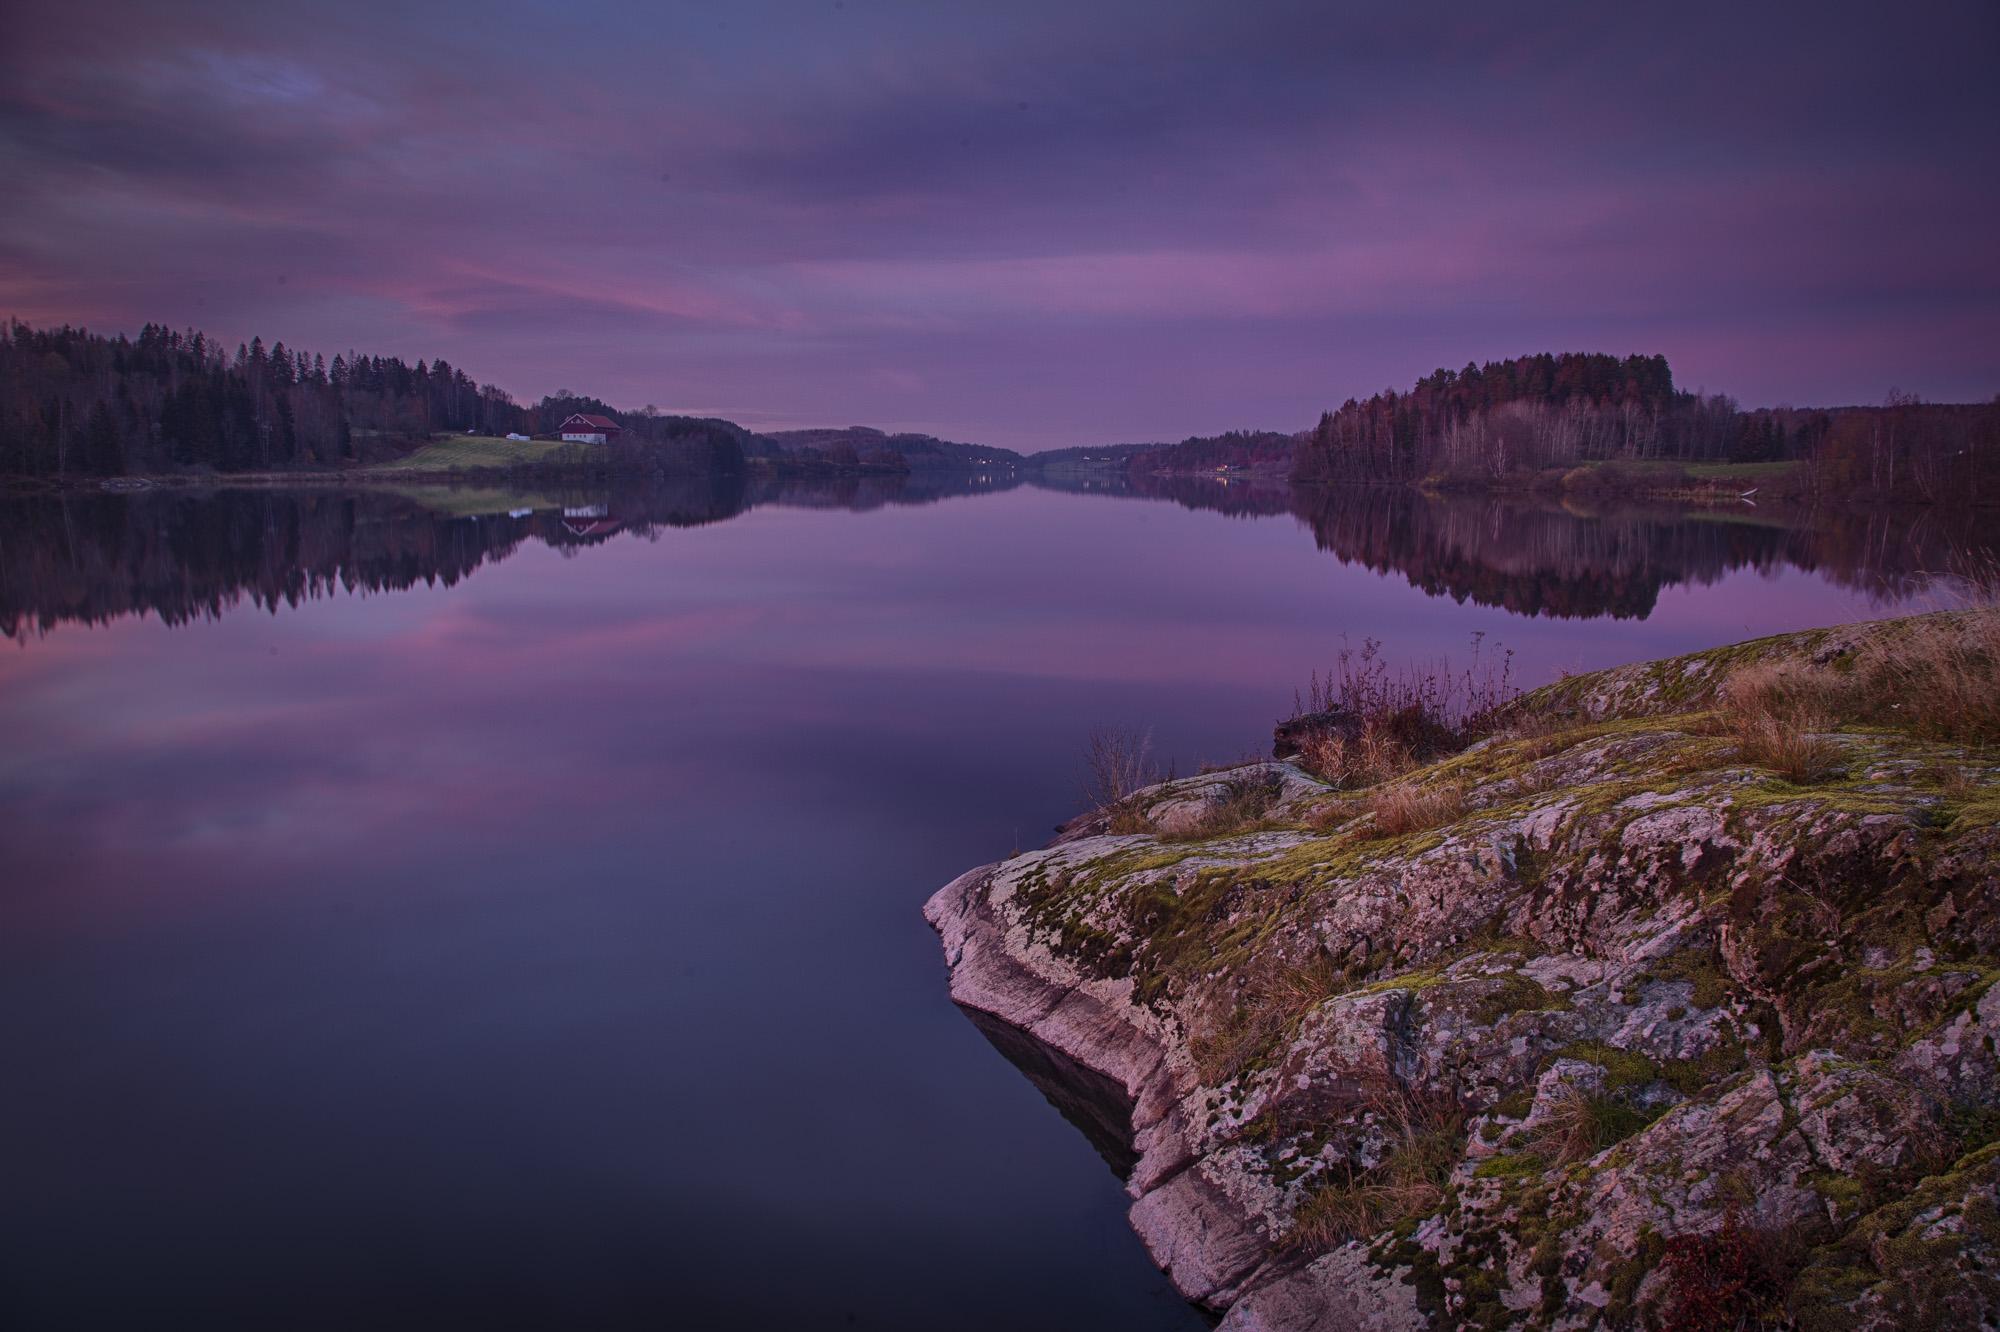 027 - Blå kveldsstund ved Årungen